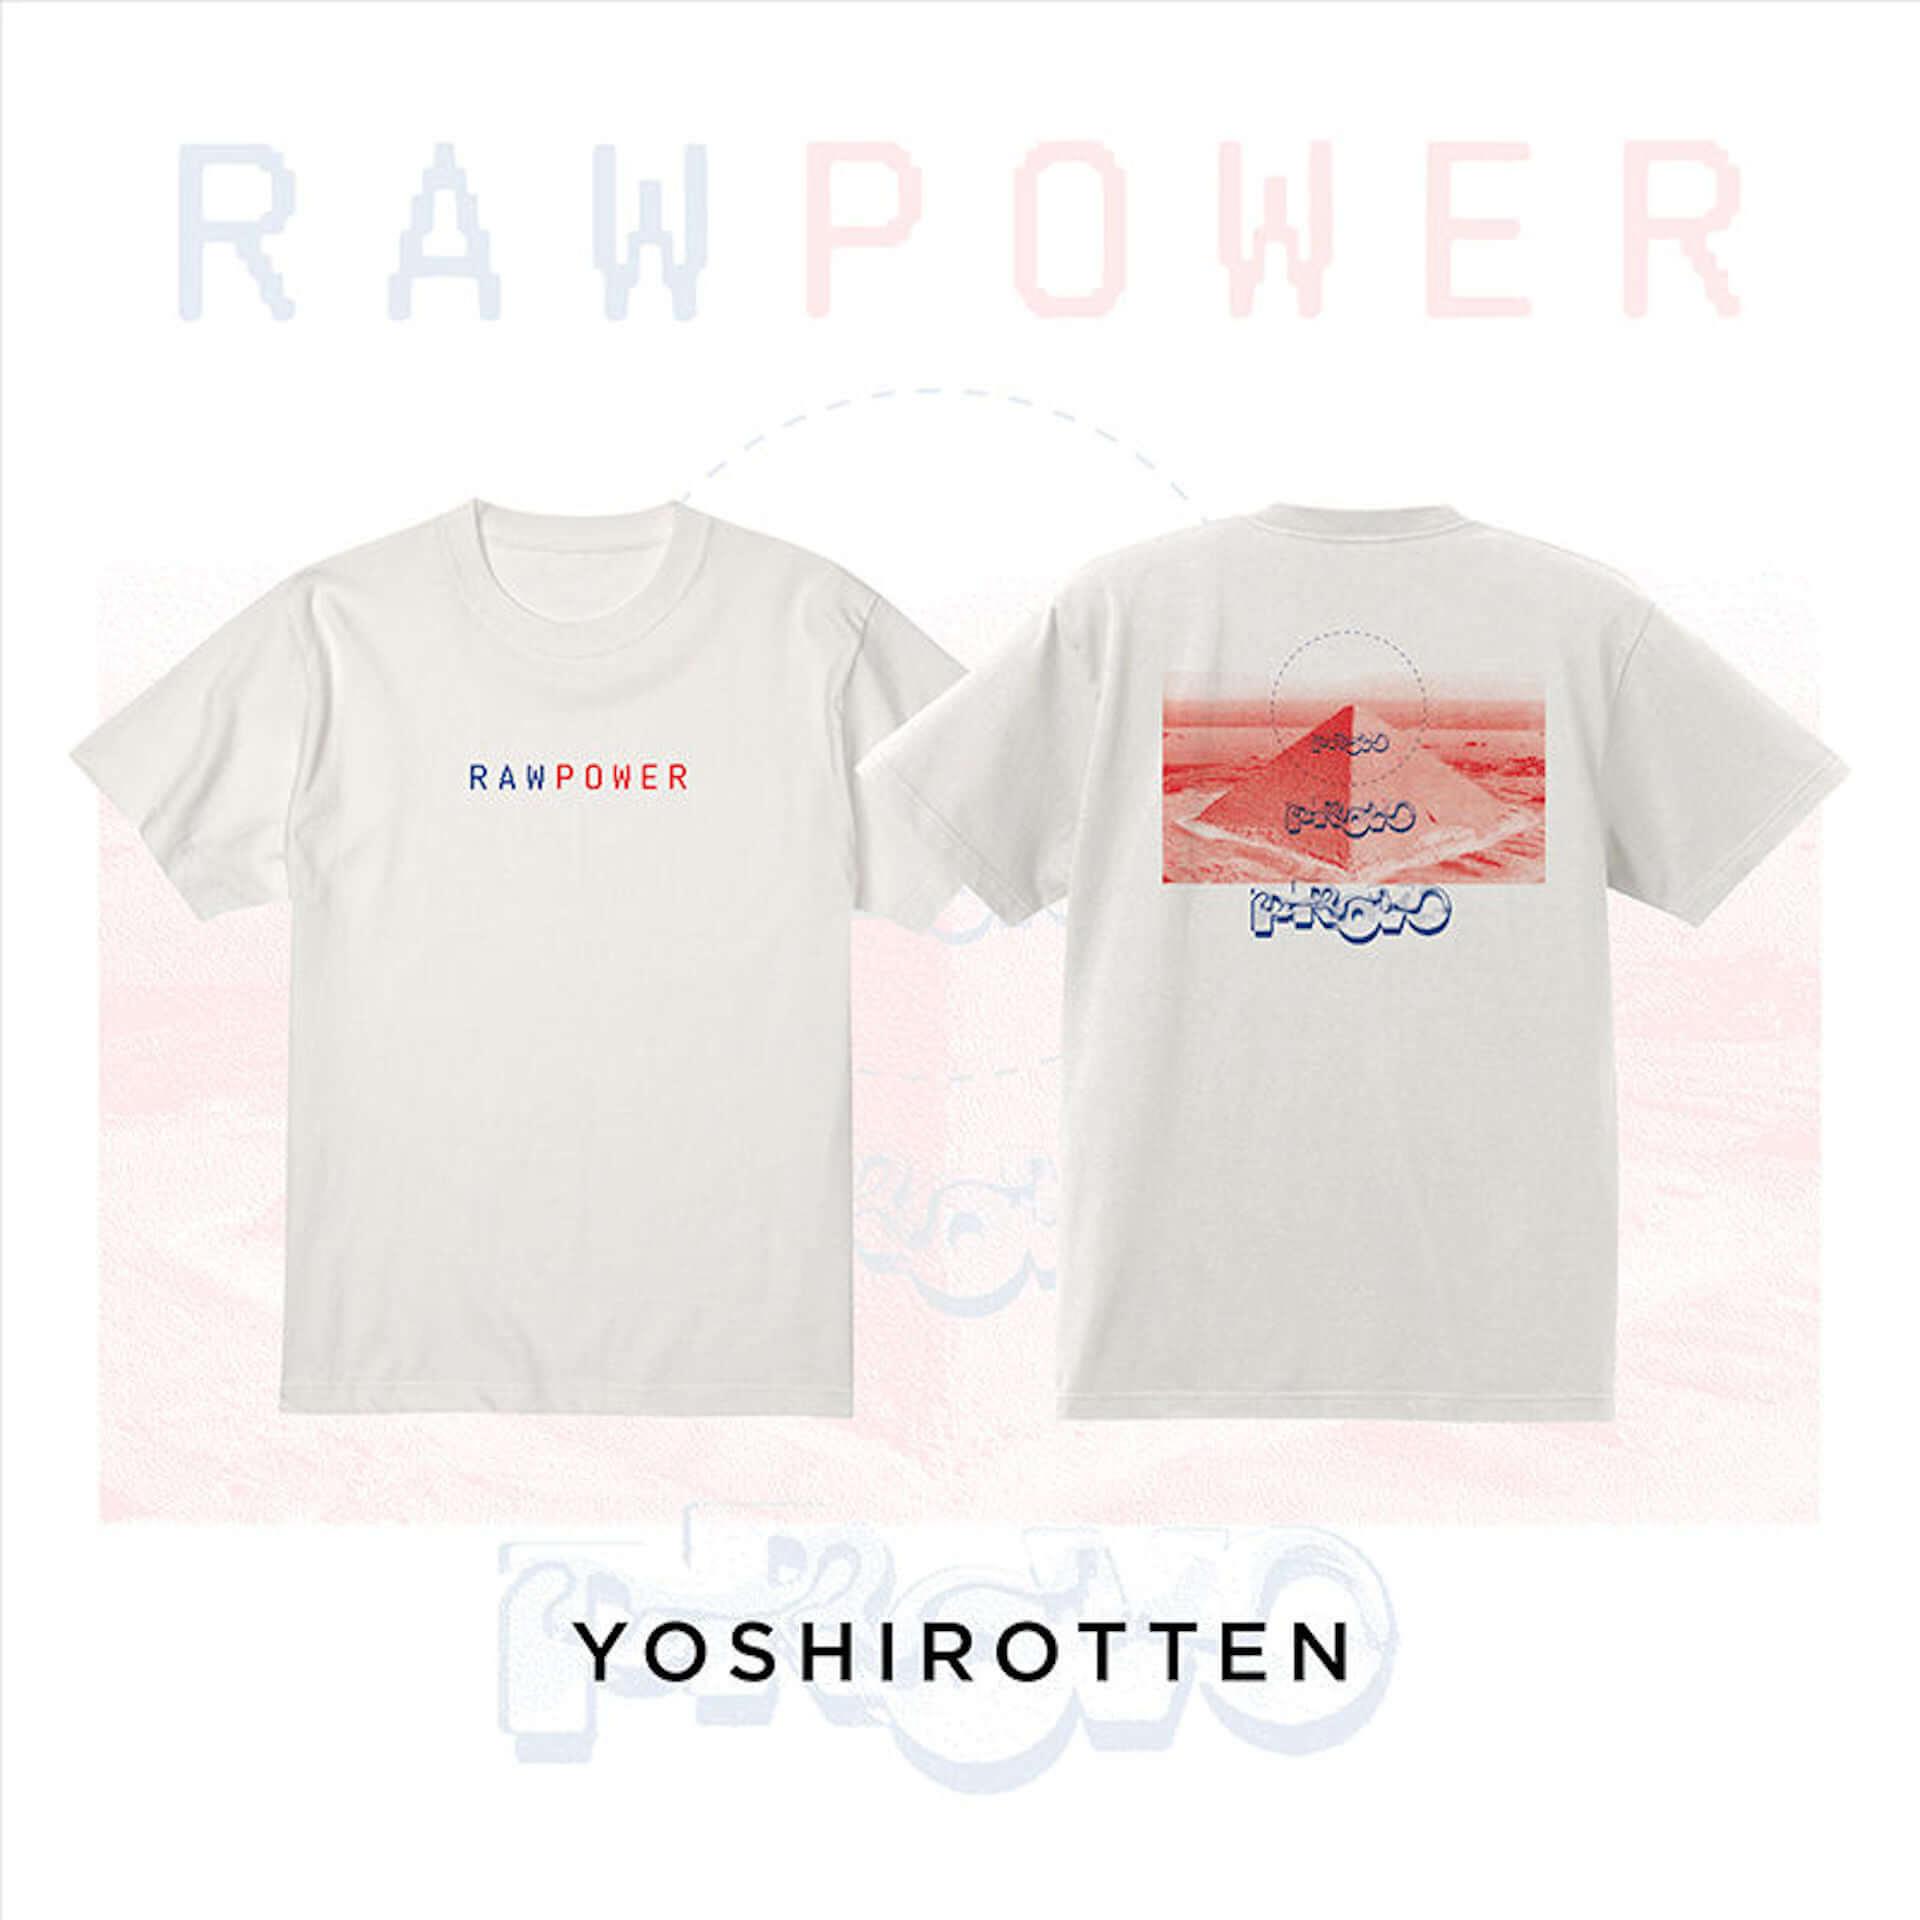 札幌の重要ベニュー・PROVOから新たなデザインTシャツがリリース|YOSHIROTTEN、KURiOら5名が参加 music200610_sapporo_provo_4-1920x1920